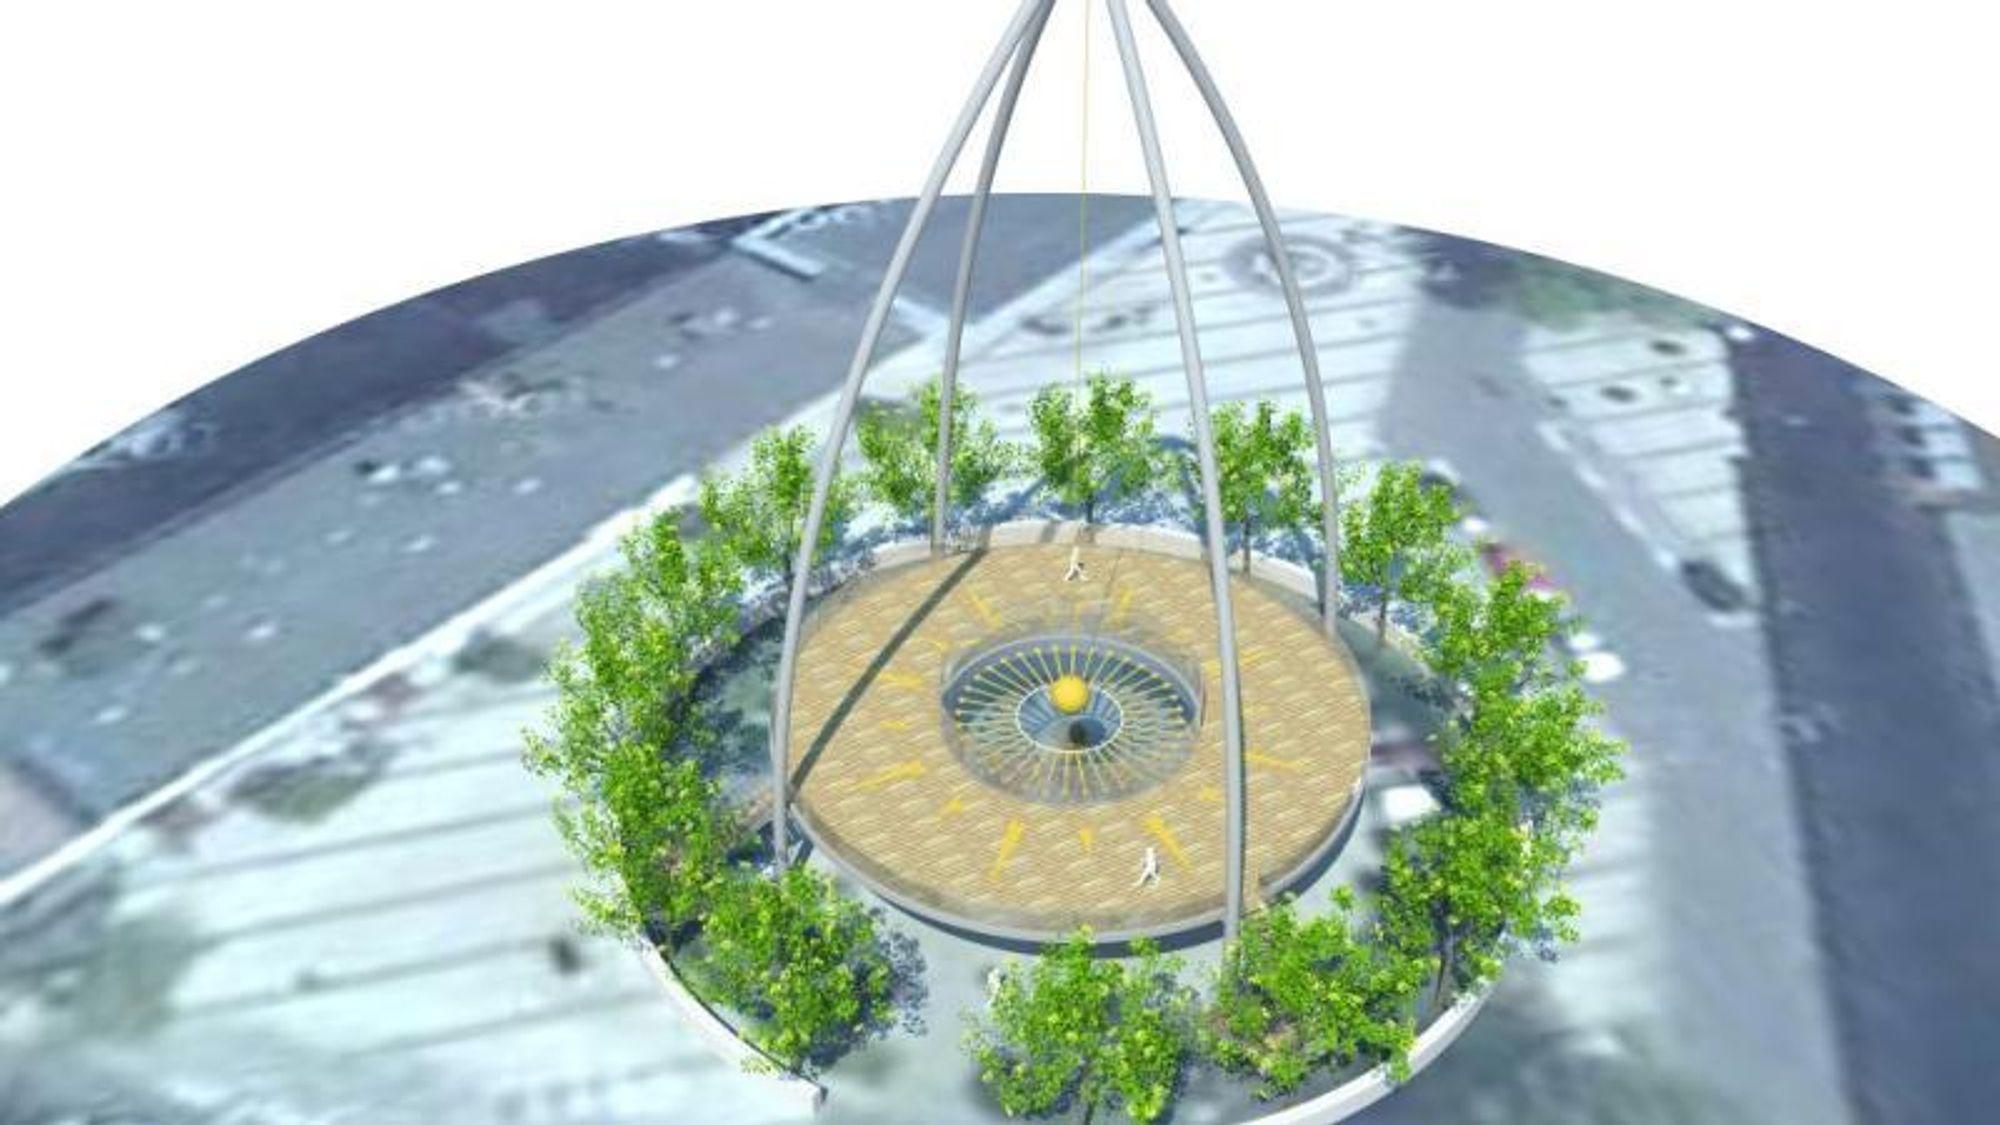 Planene om en 67 meter høy pendel i Svendborg har blitt nedjustert til 40 meter, og nye forsøk lover godt.